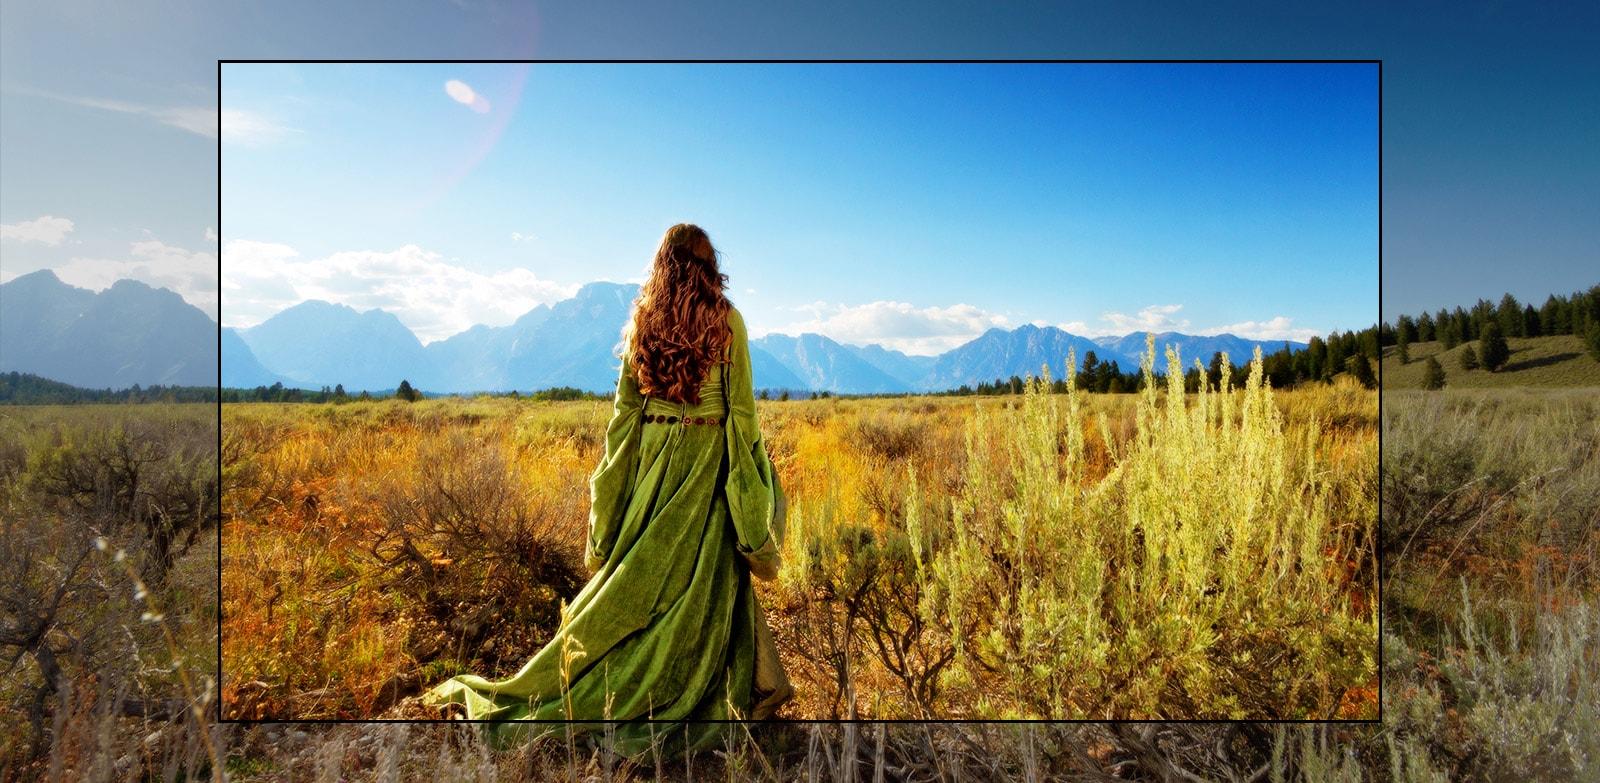 La pantalla de un televisor muestra la escena de una película de fantasía con una mujer de pie en los campos frente a las montañas.